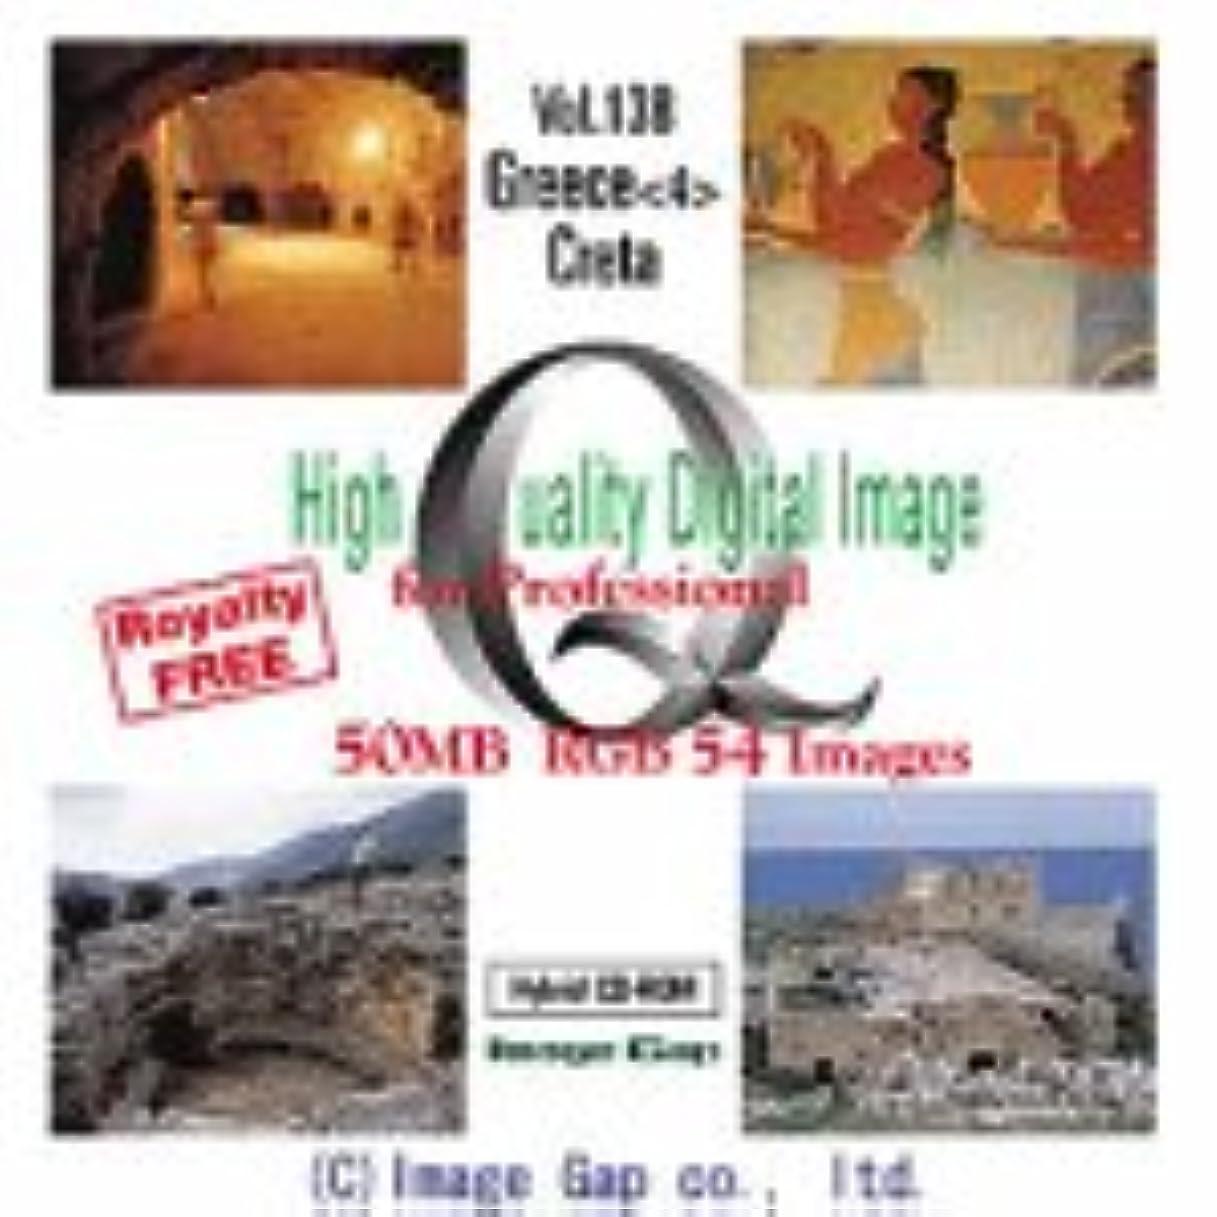 High Quality Digital Image Greece <4> Creta